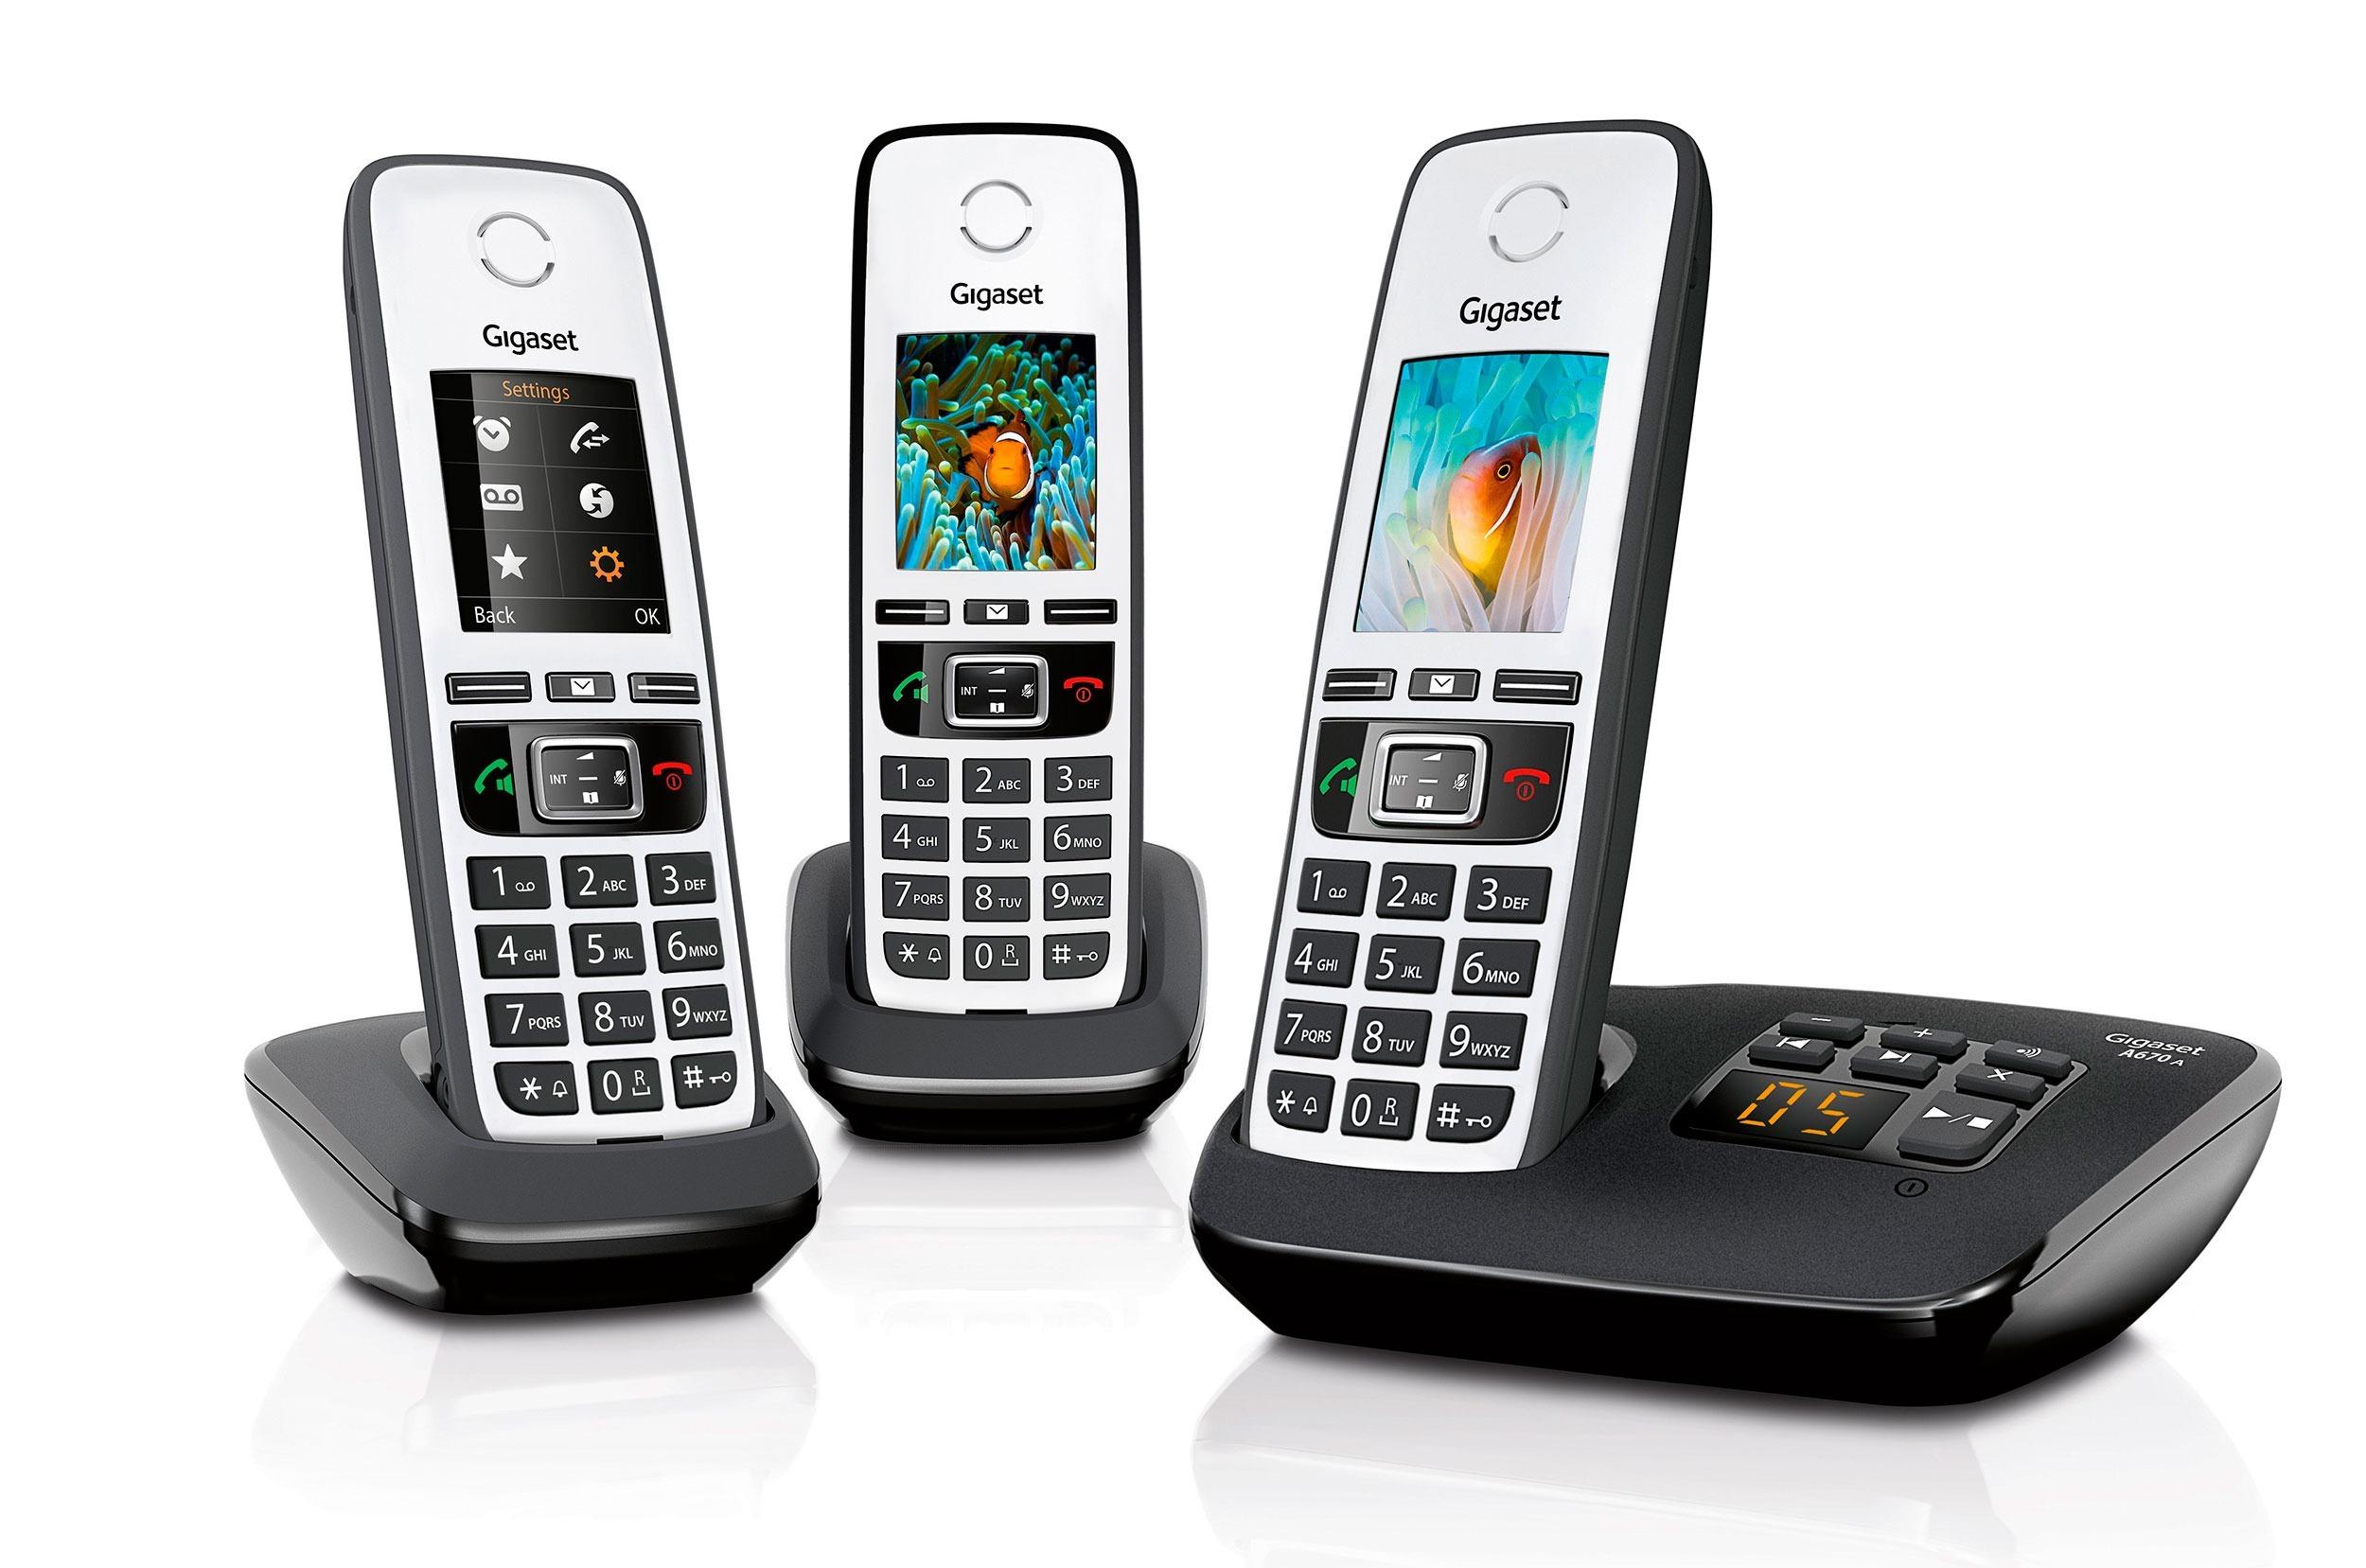 Op Perfect Plasma is alles over phone te vinden: waaronder expert en specifiek Gigaset A670A Trio dect telefoon